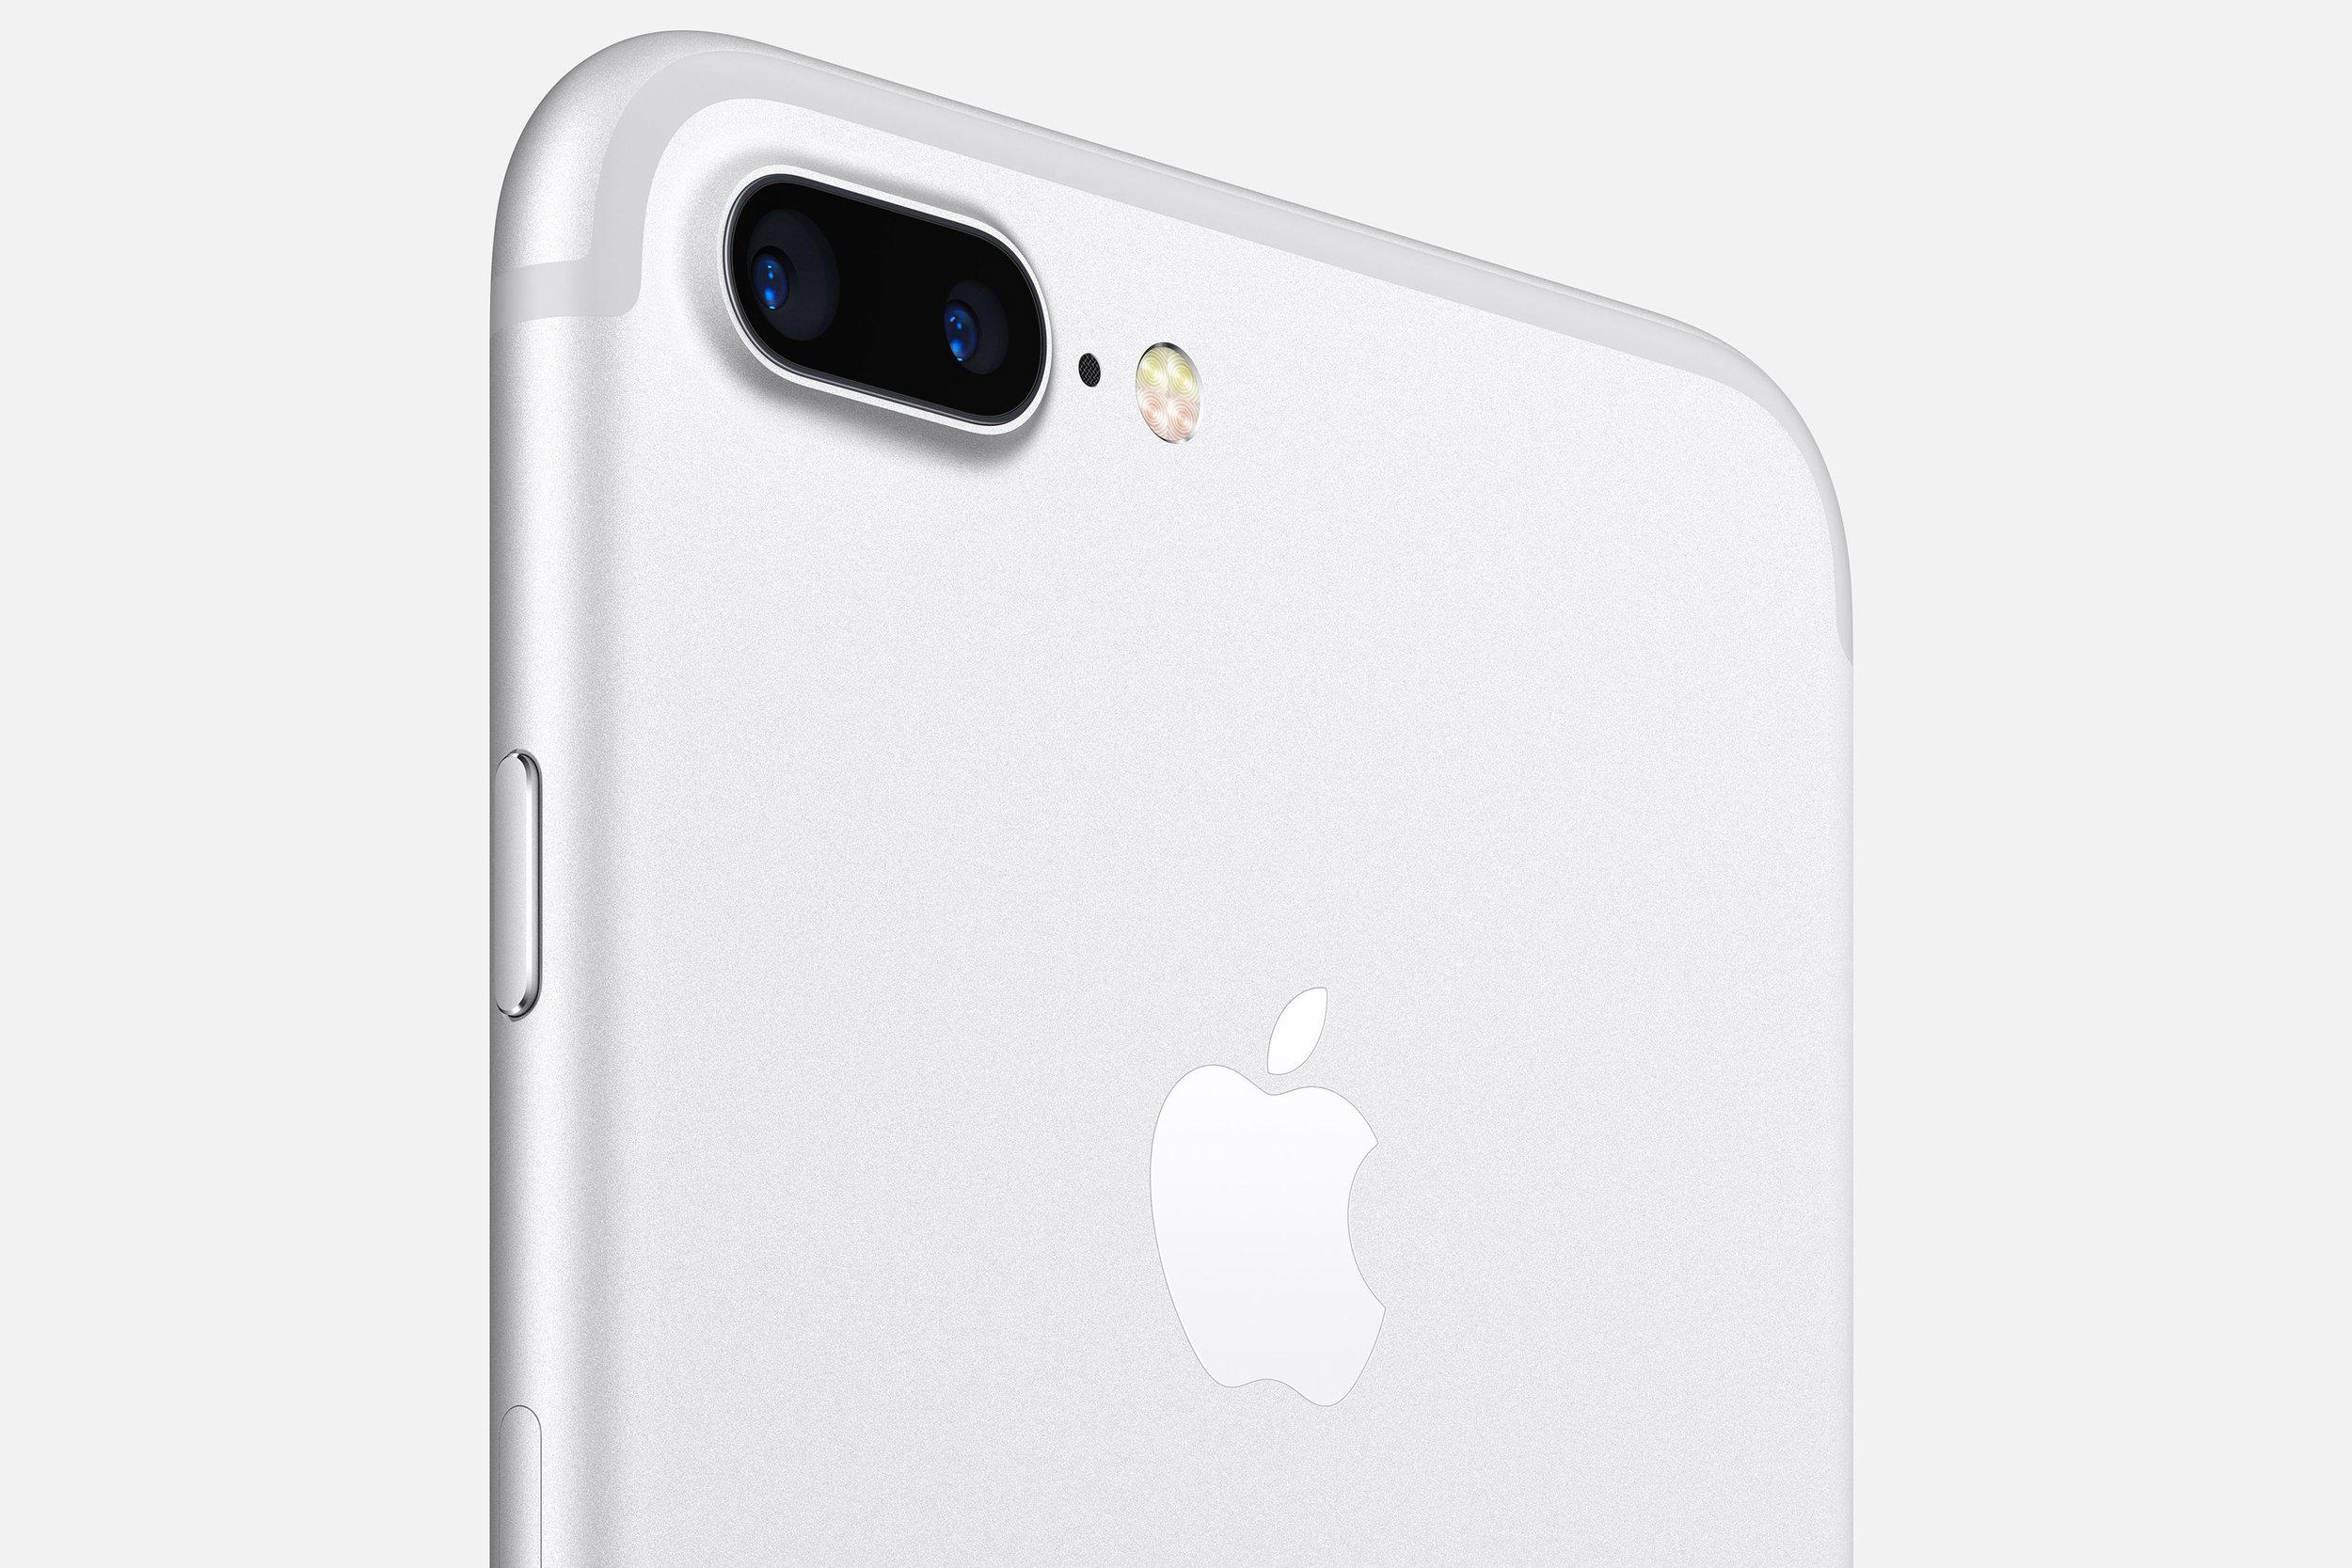 apple-iphone-7-silver_dezeen.jpg